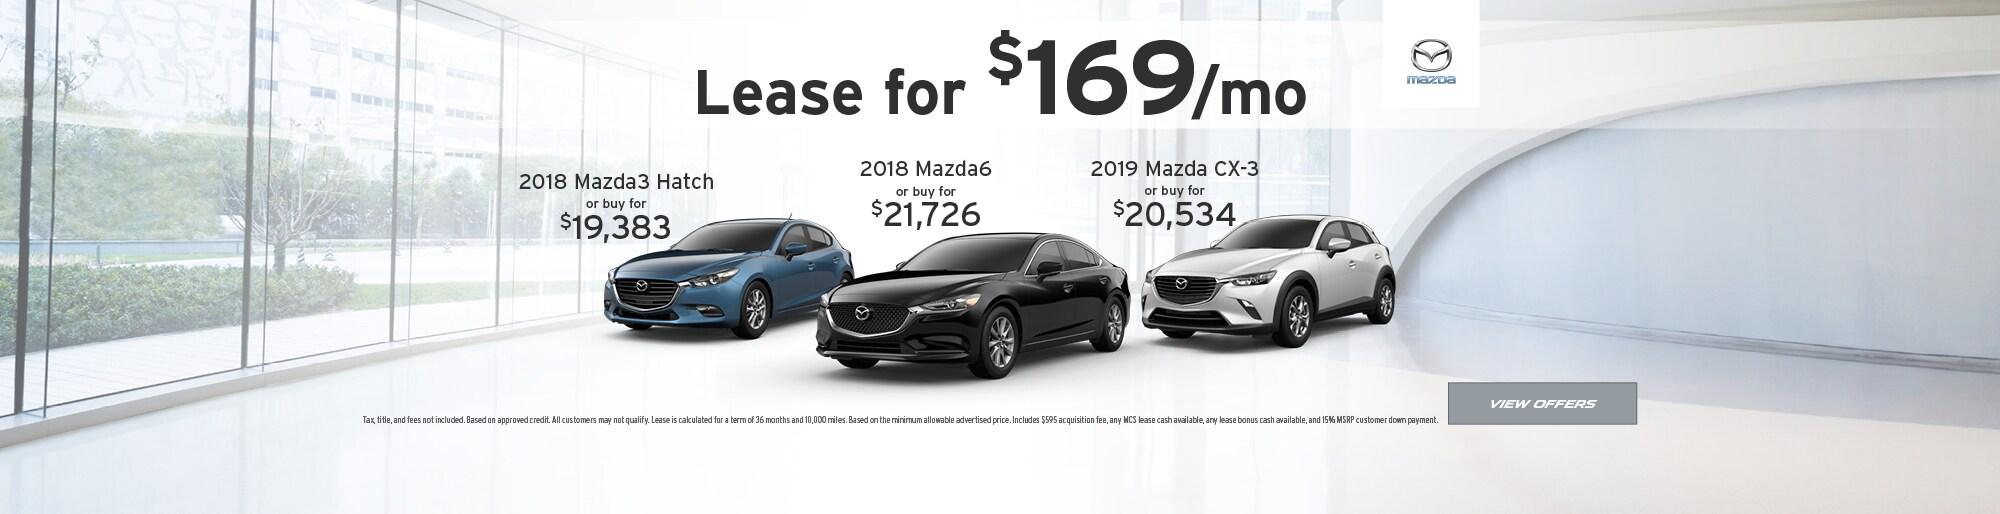 Jake Sweeney Mazda >> Jake Sweeney Mazda West | New Mazda dealership in ...